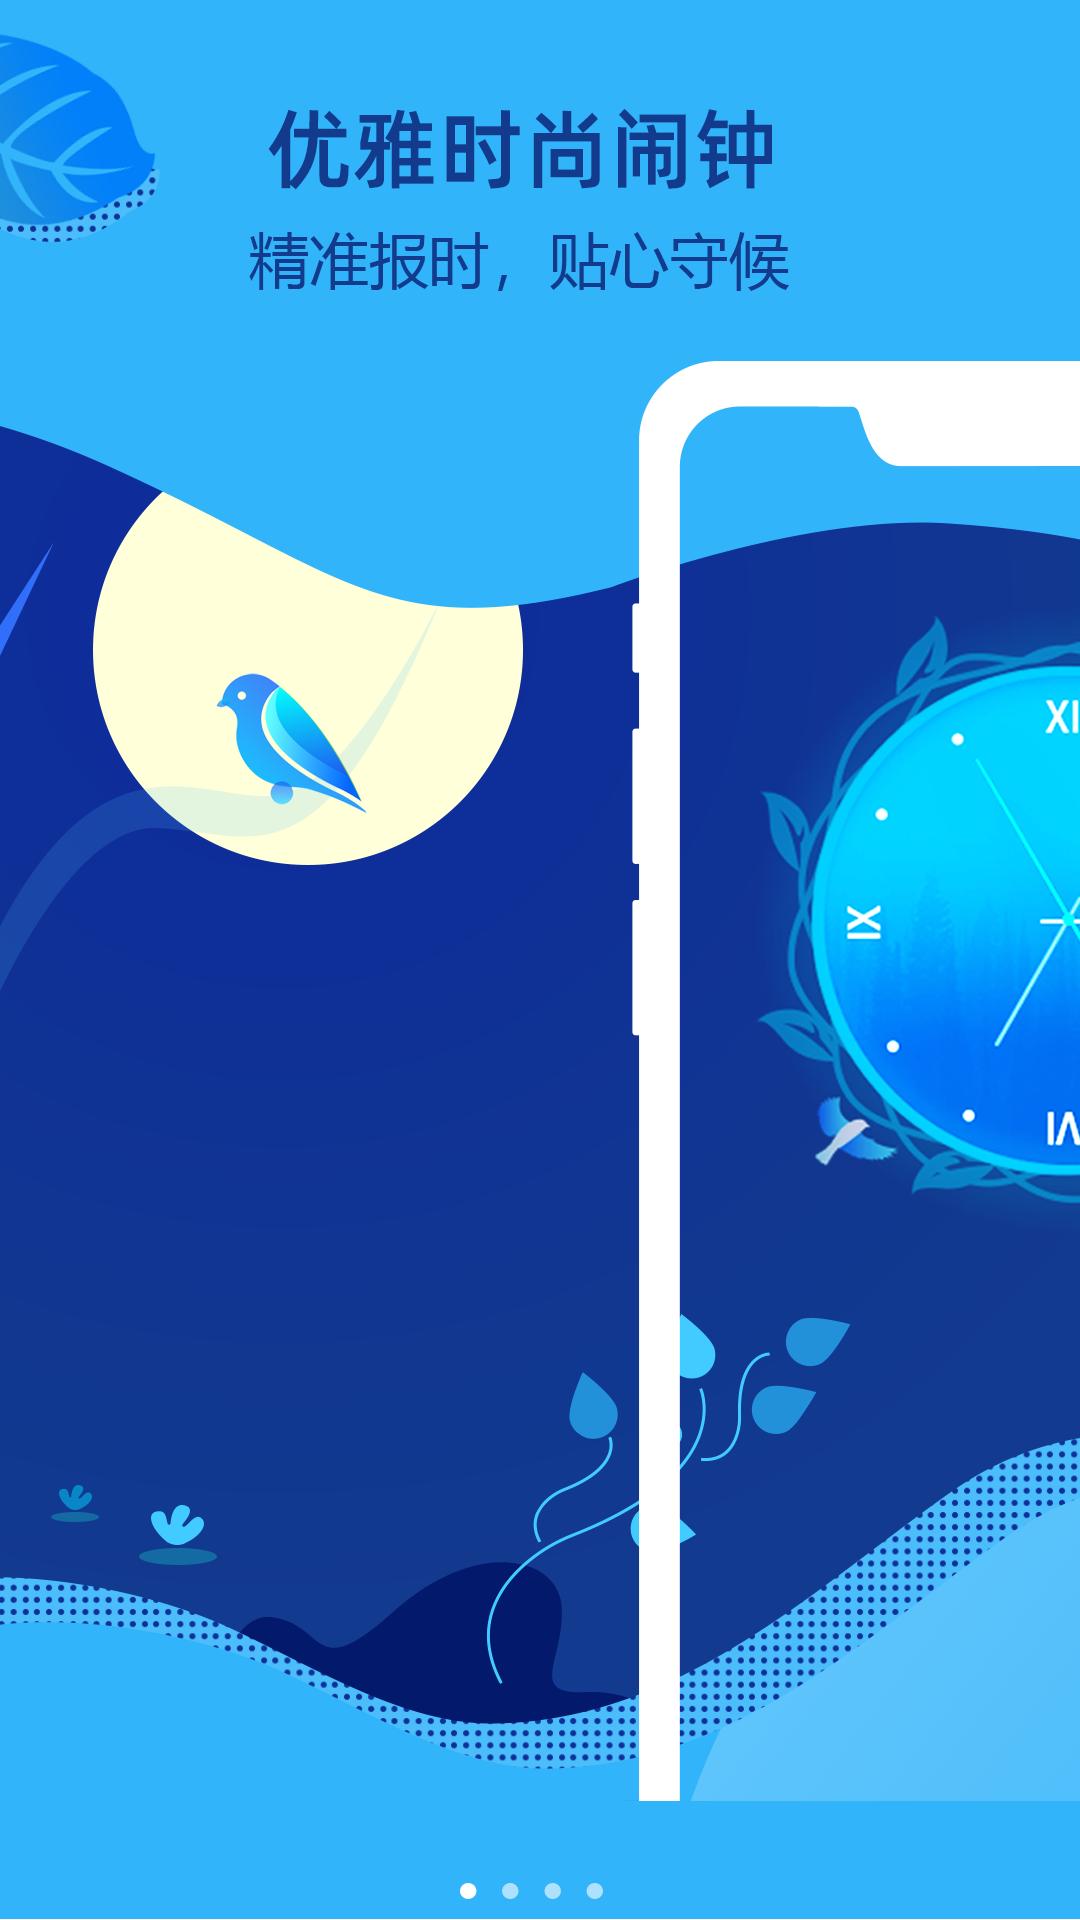 布谷鸟闹钟 V2.2.5 安卓版截图4